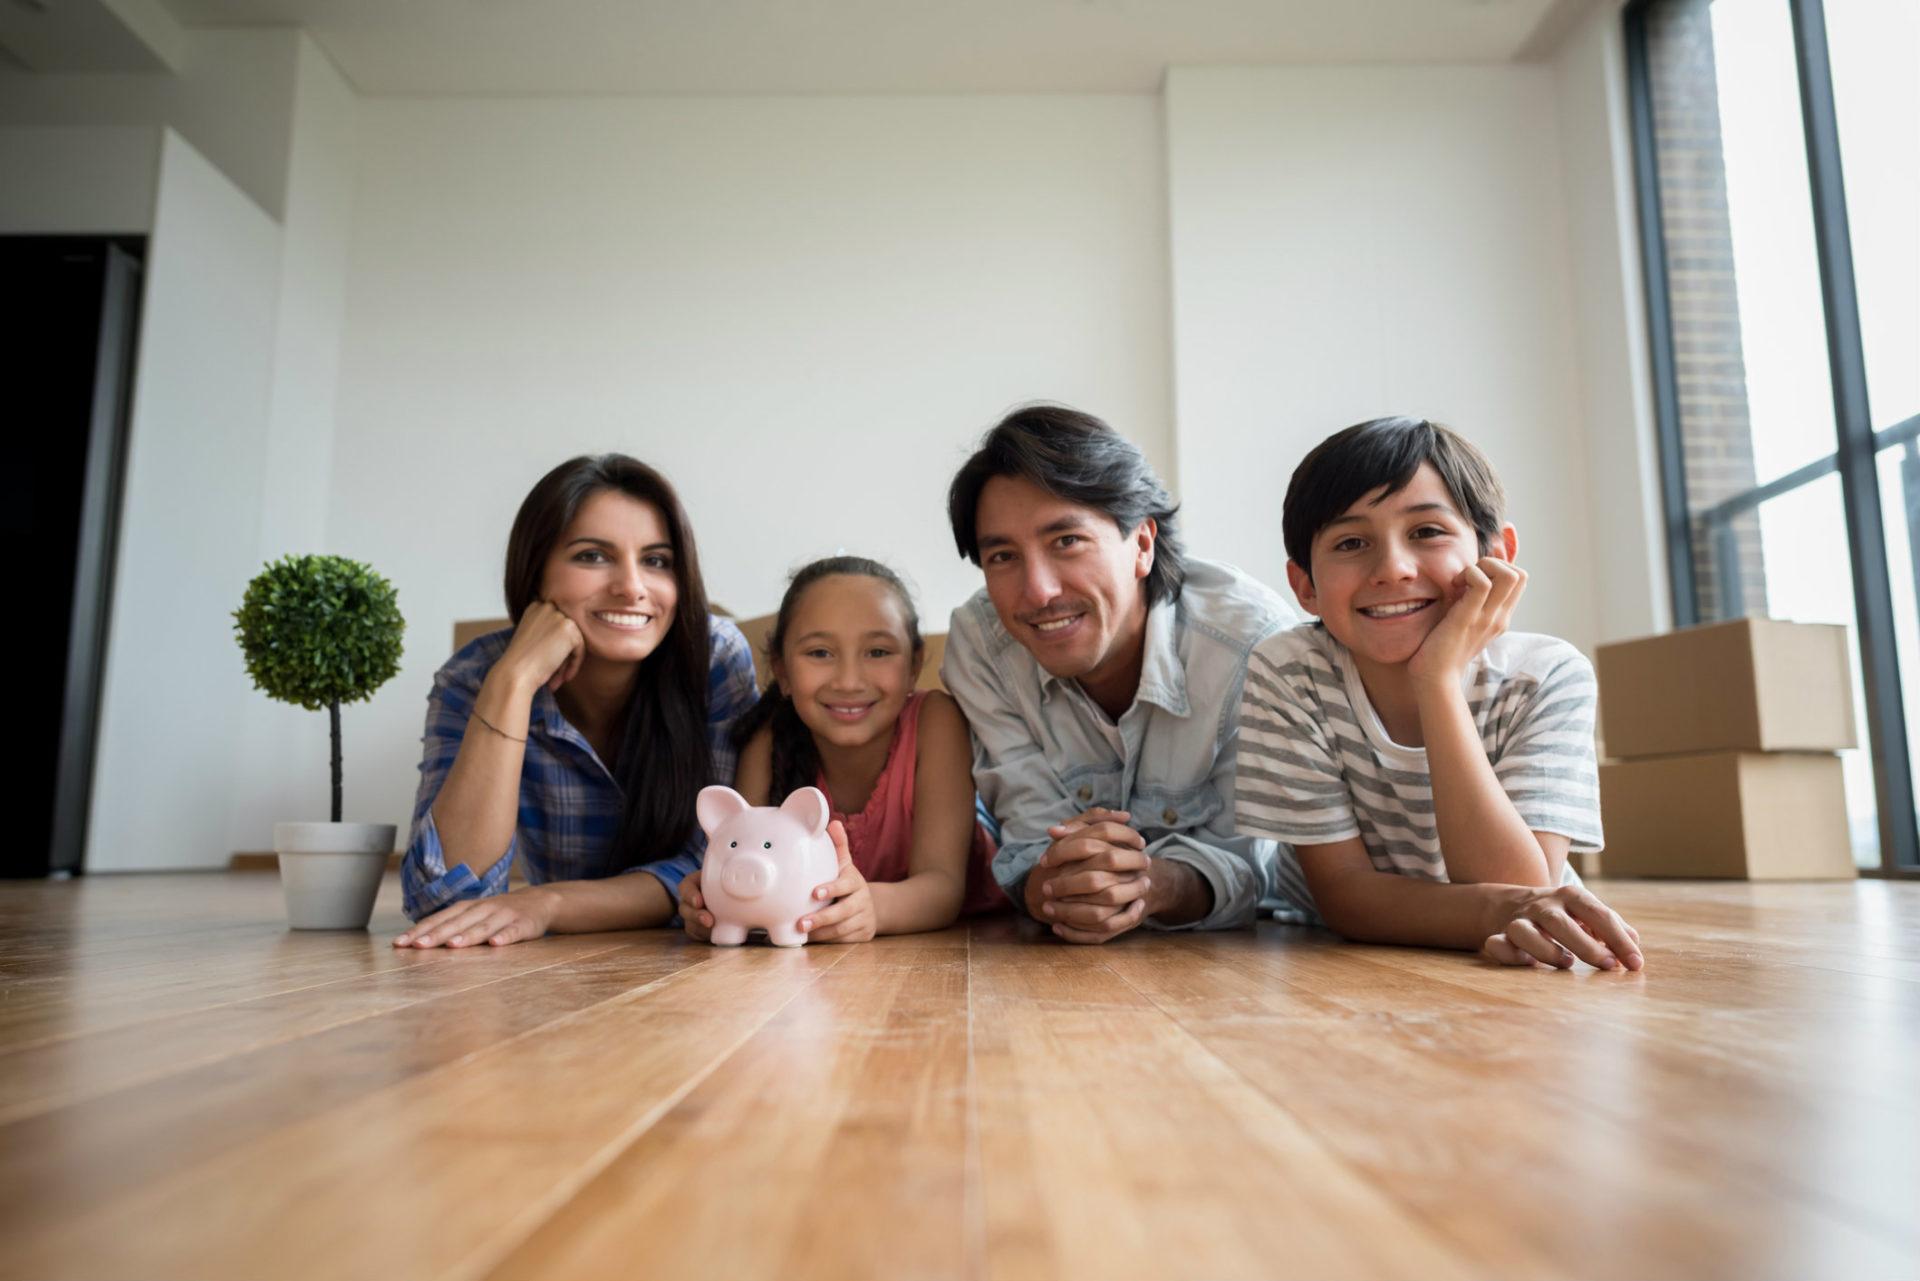 Ahorro para el retiro, el gran reto para los millennials